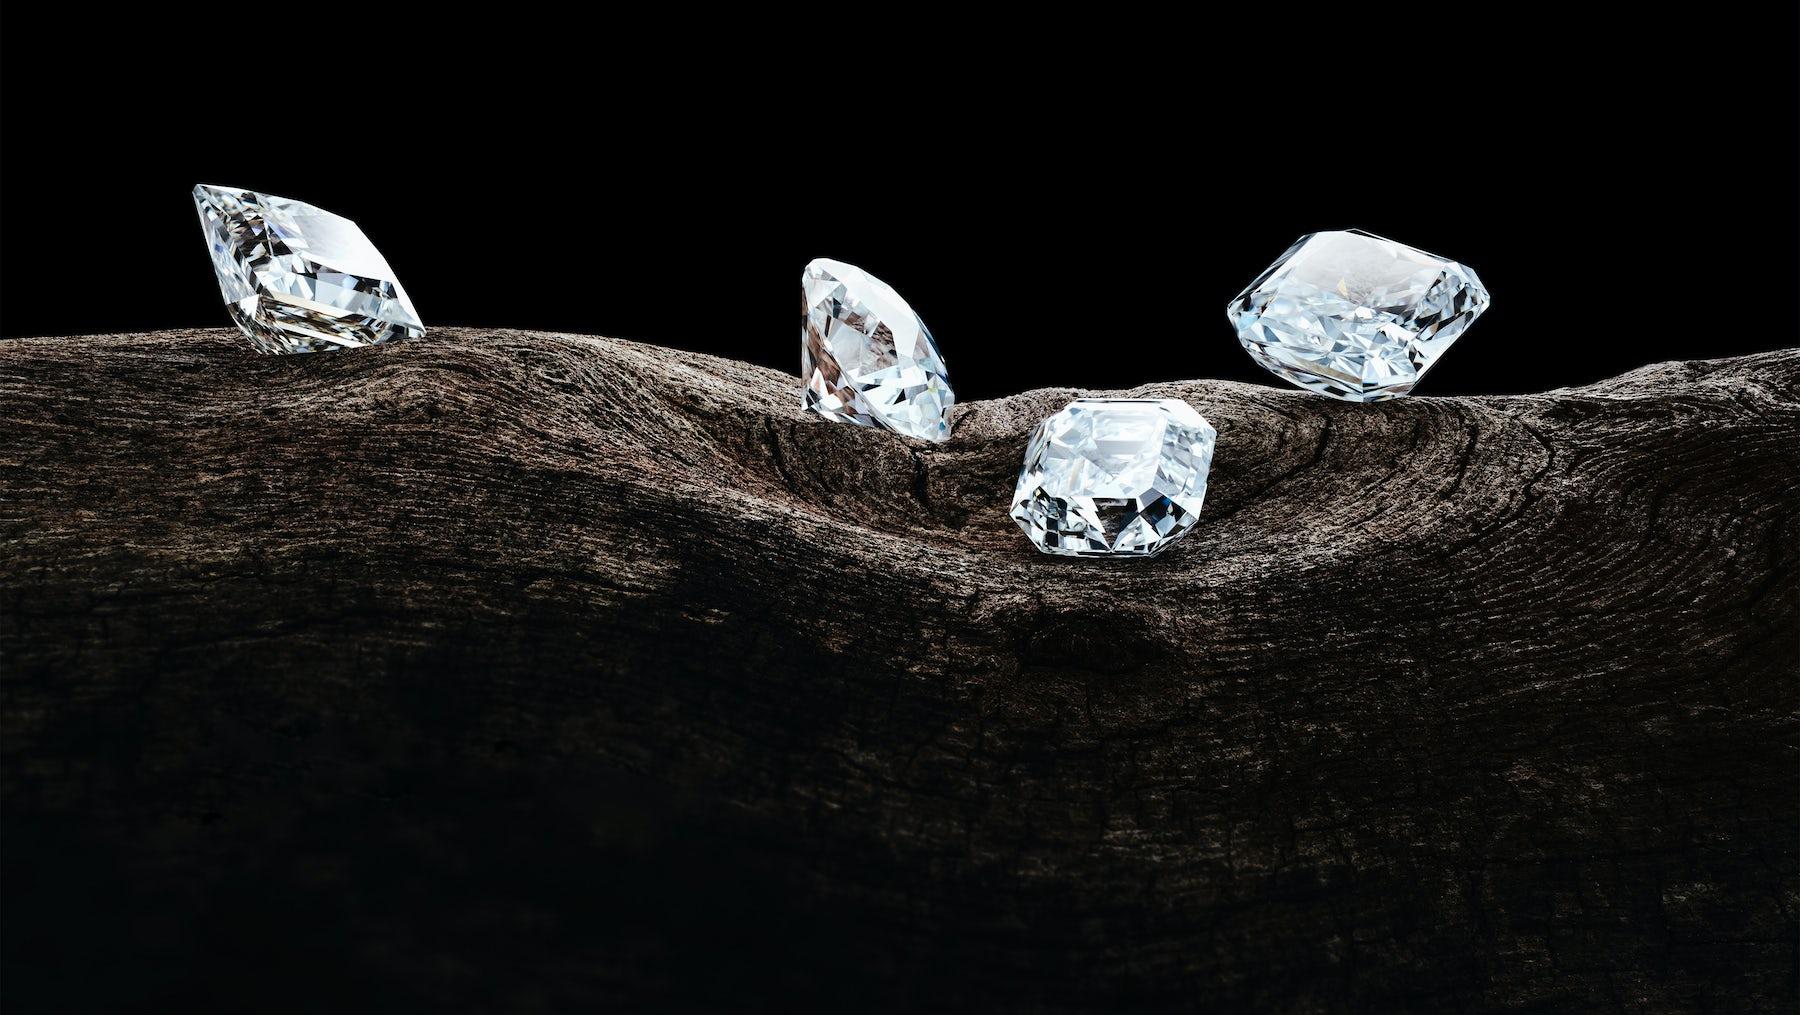 Manmade diamonds created by Diamond Foundry | Source: Diamond Foundry